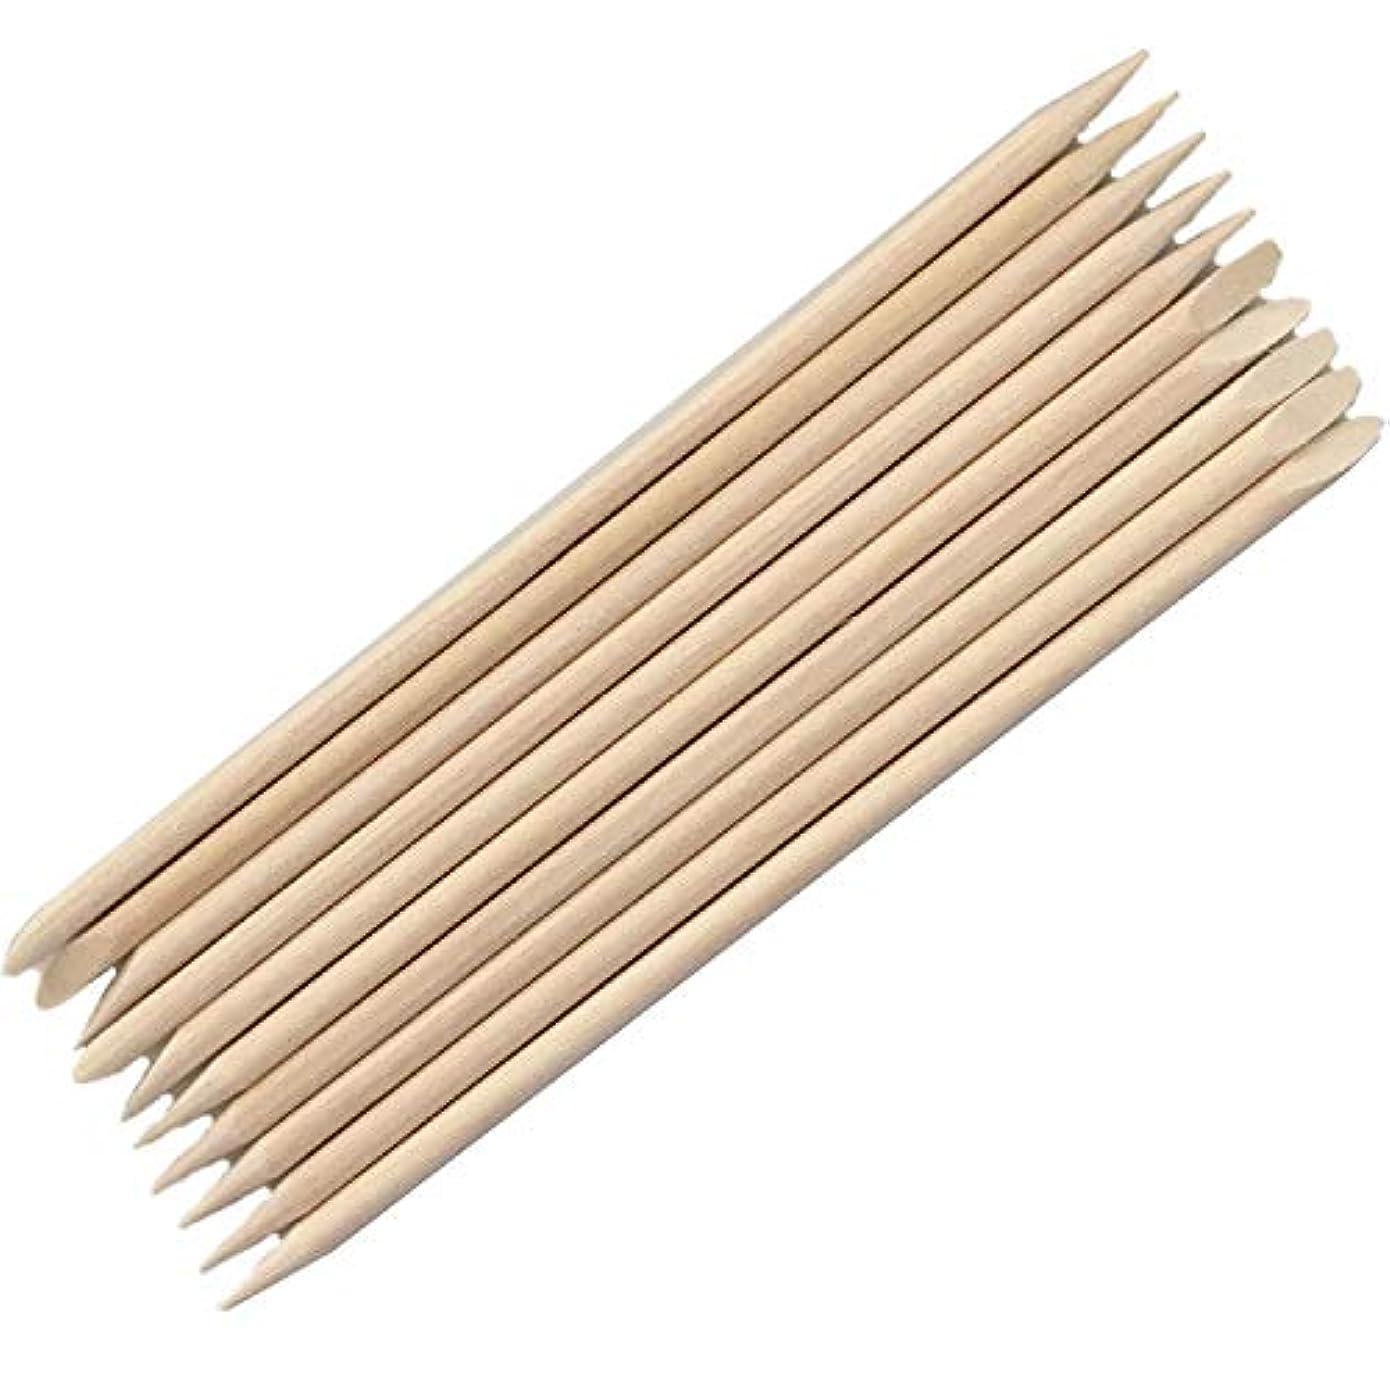 協力風邪をひくつづりネイル最高品質オレンジウッドスティック ネイル用品 ペンセット アクリル絵具10本